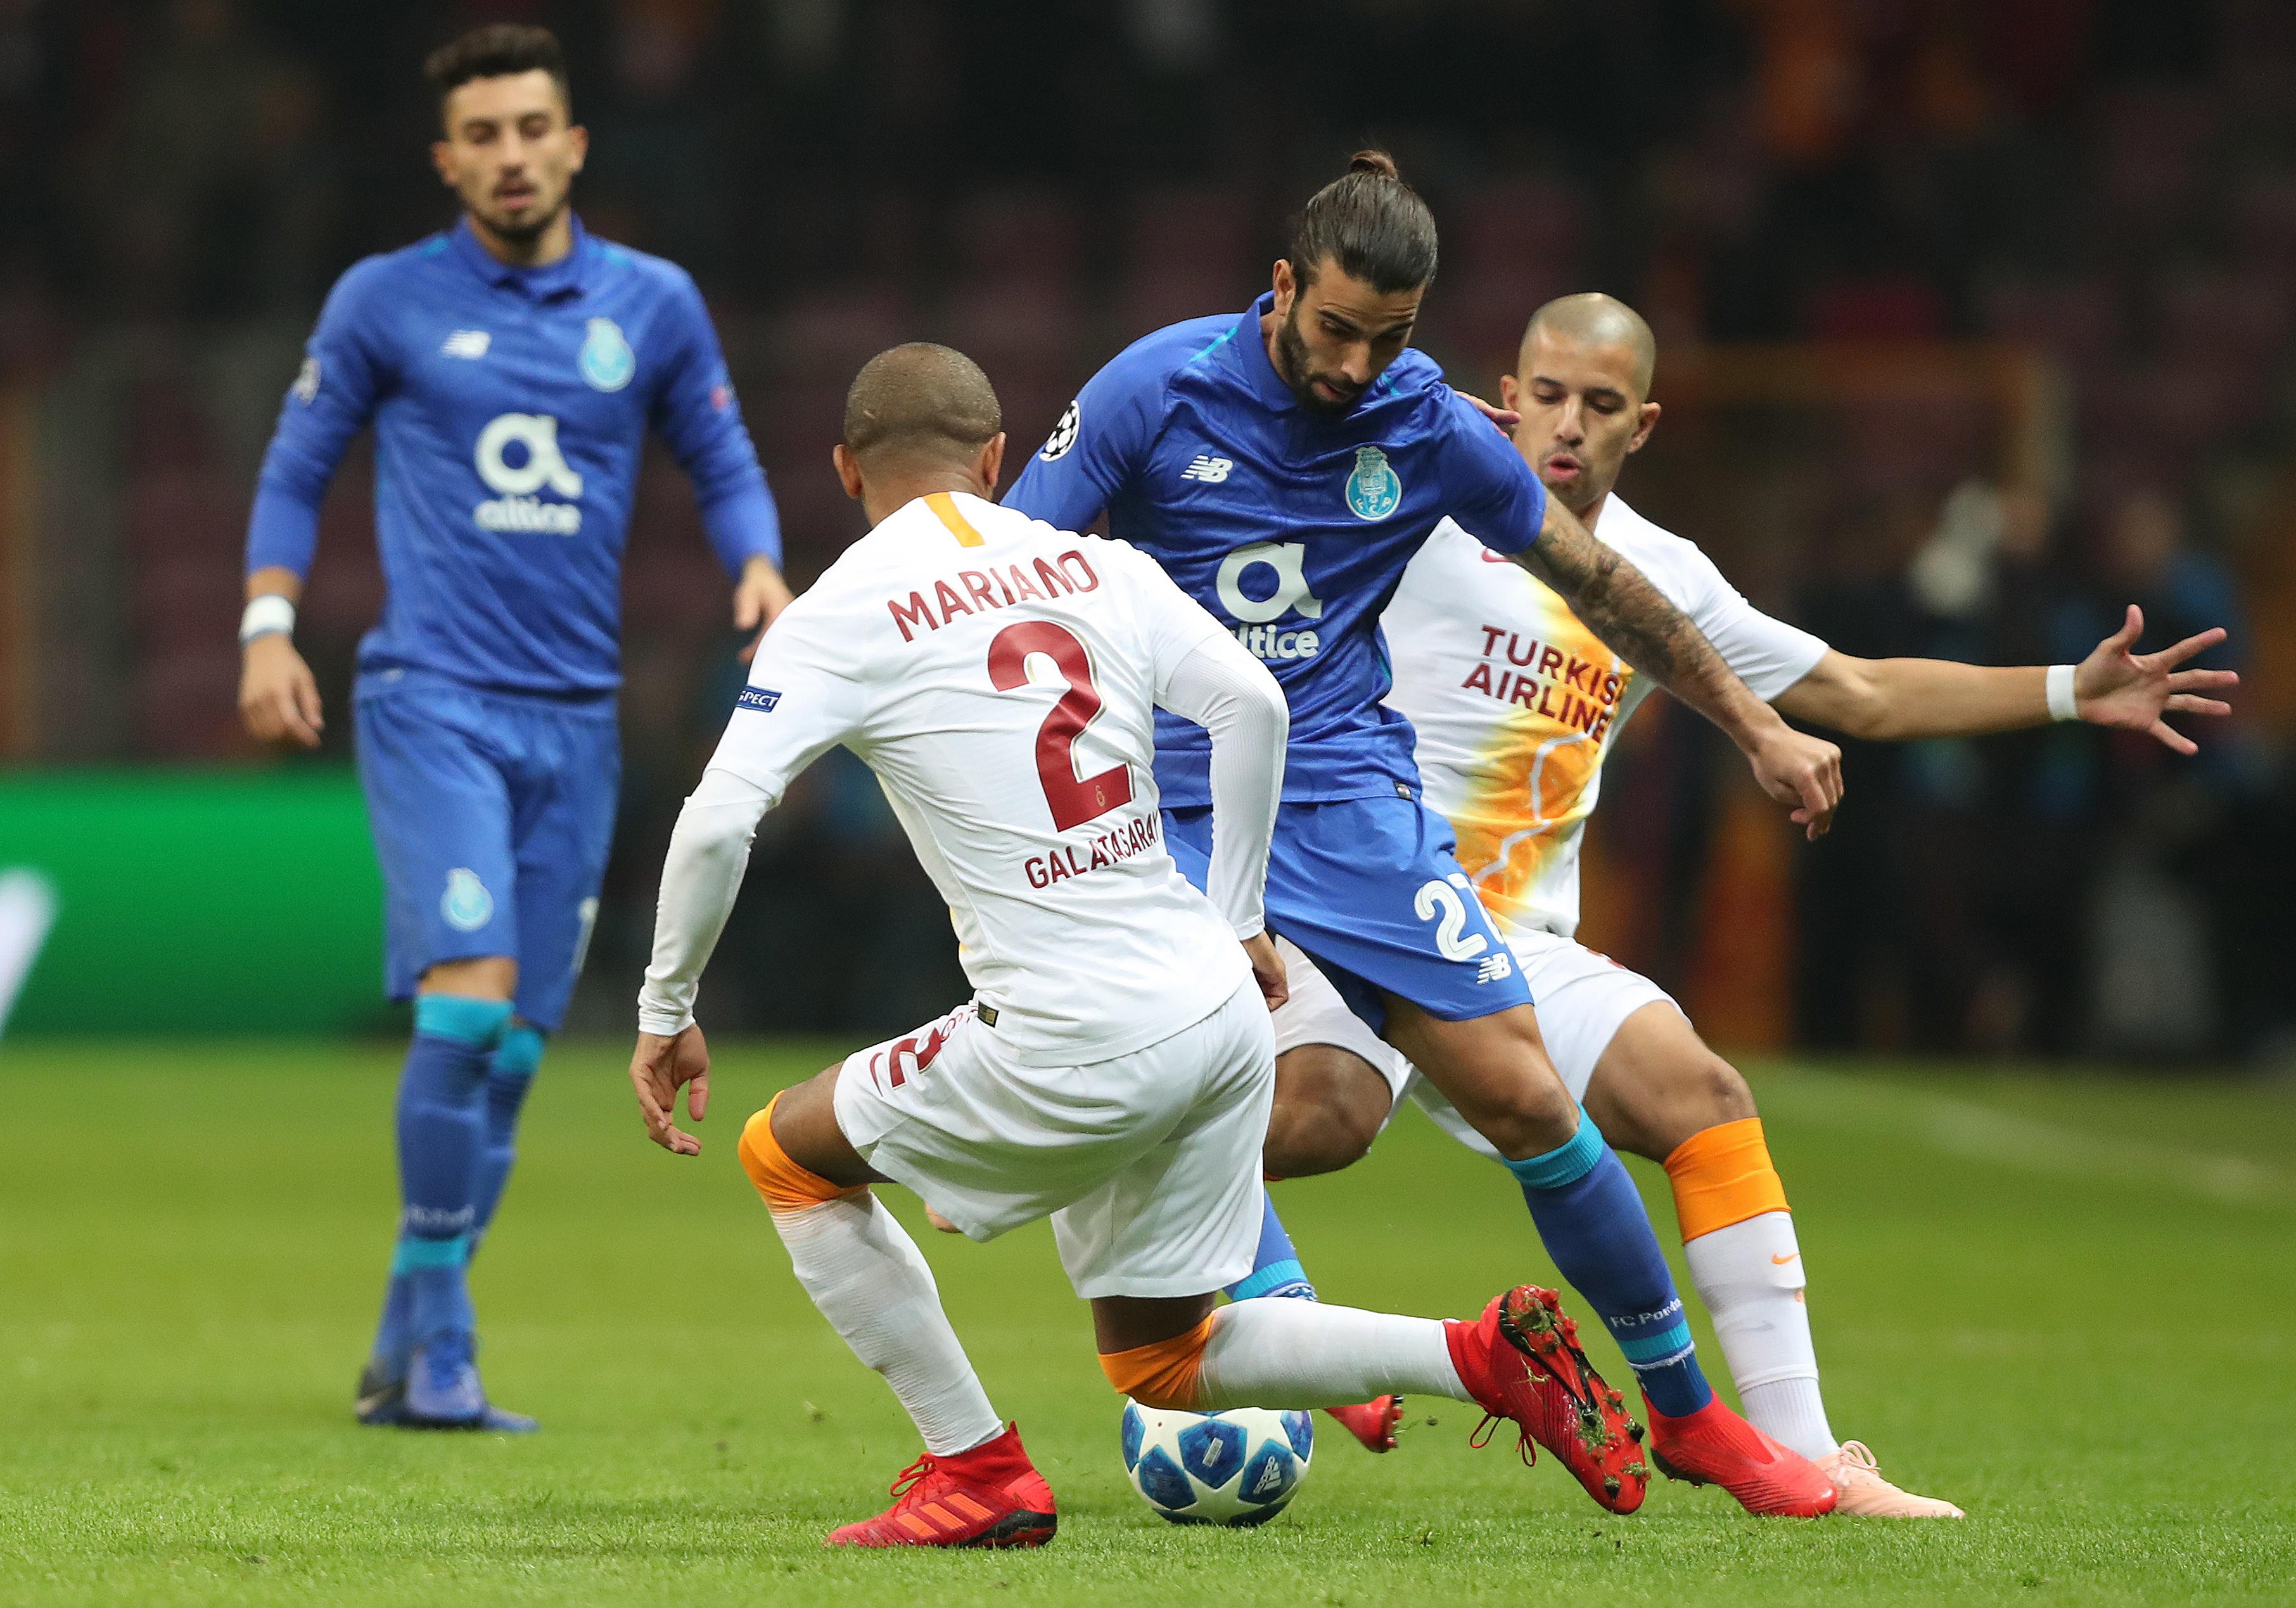 LIGA PRVAKA Galatasaray unatoč porazu ide u Europsku ligu